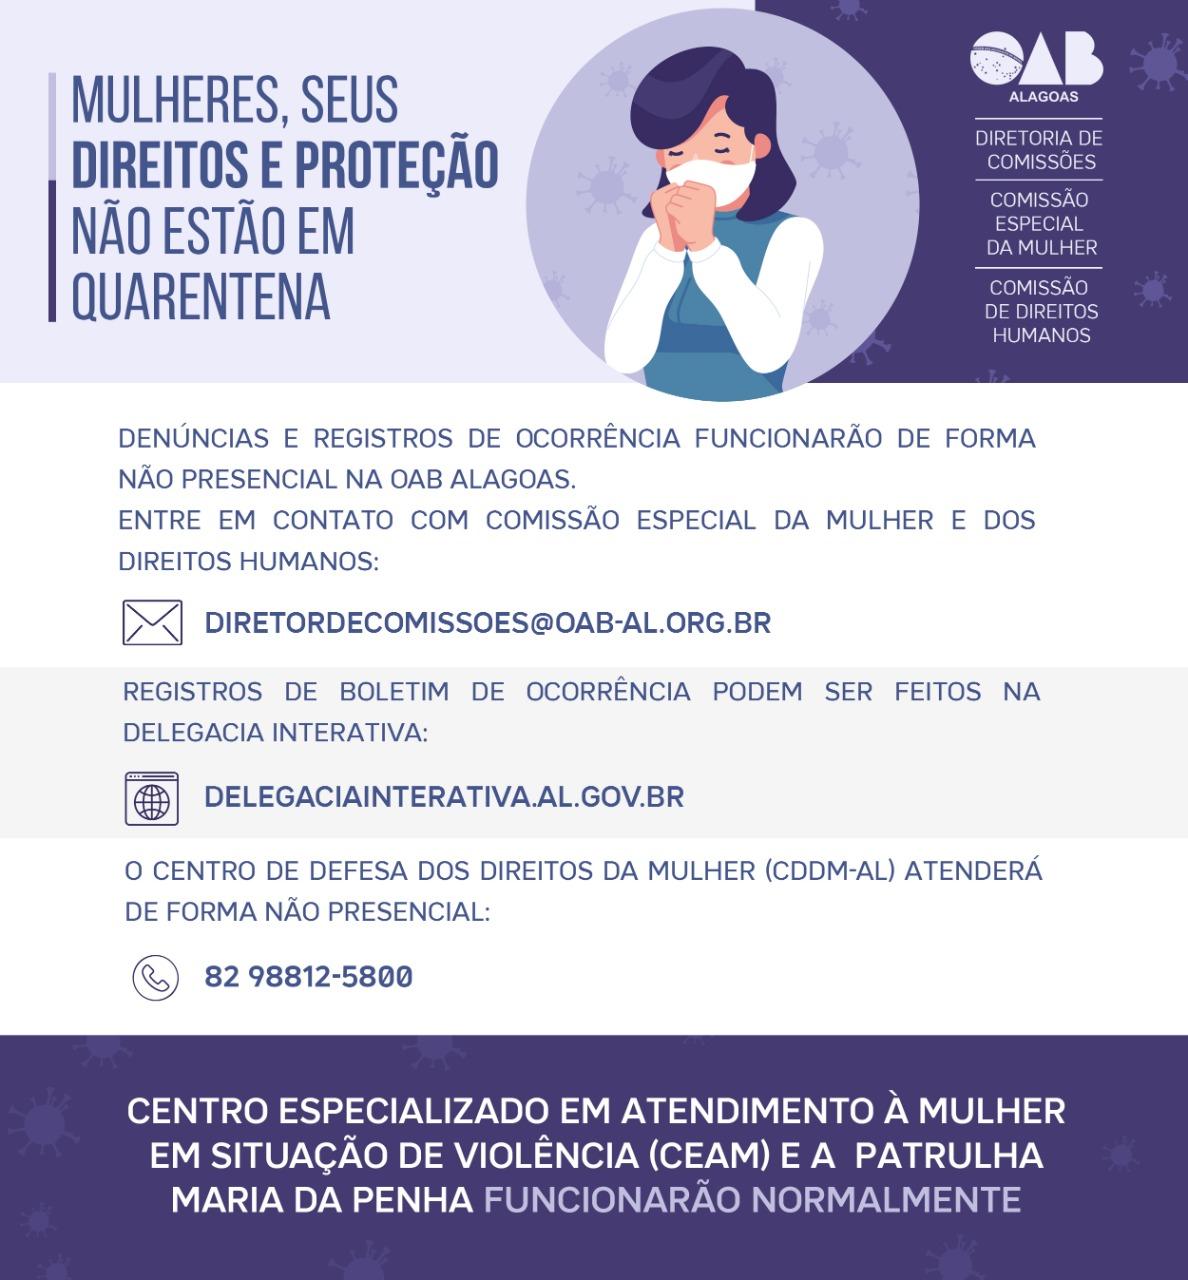 COVID-19: Órgãos de defesa da mulher continuam ativos para registrar denúncias por ferramentas não-presenciais